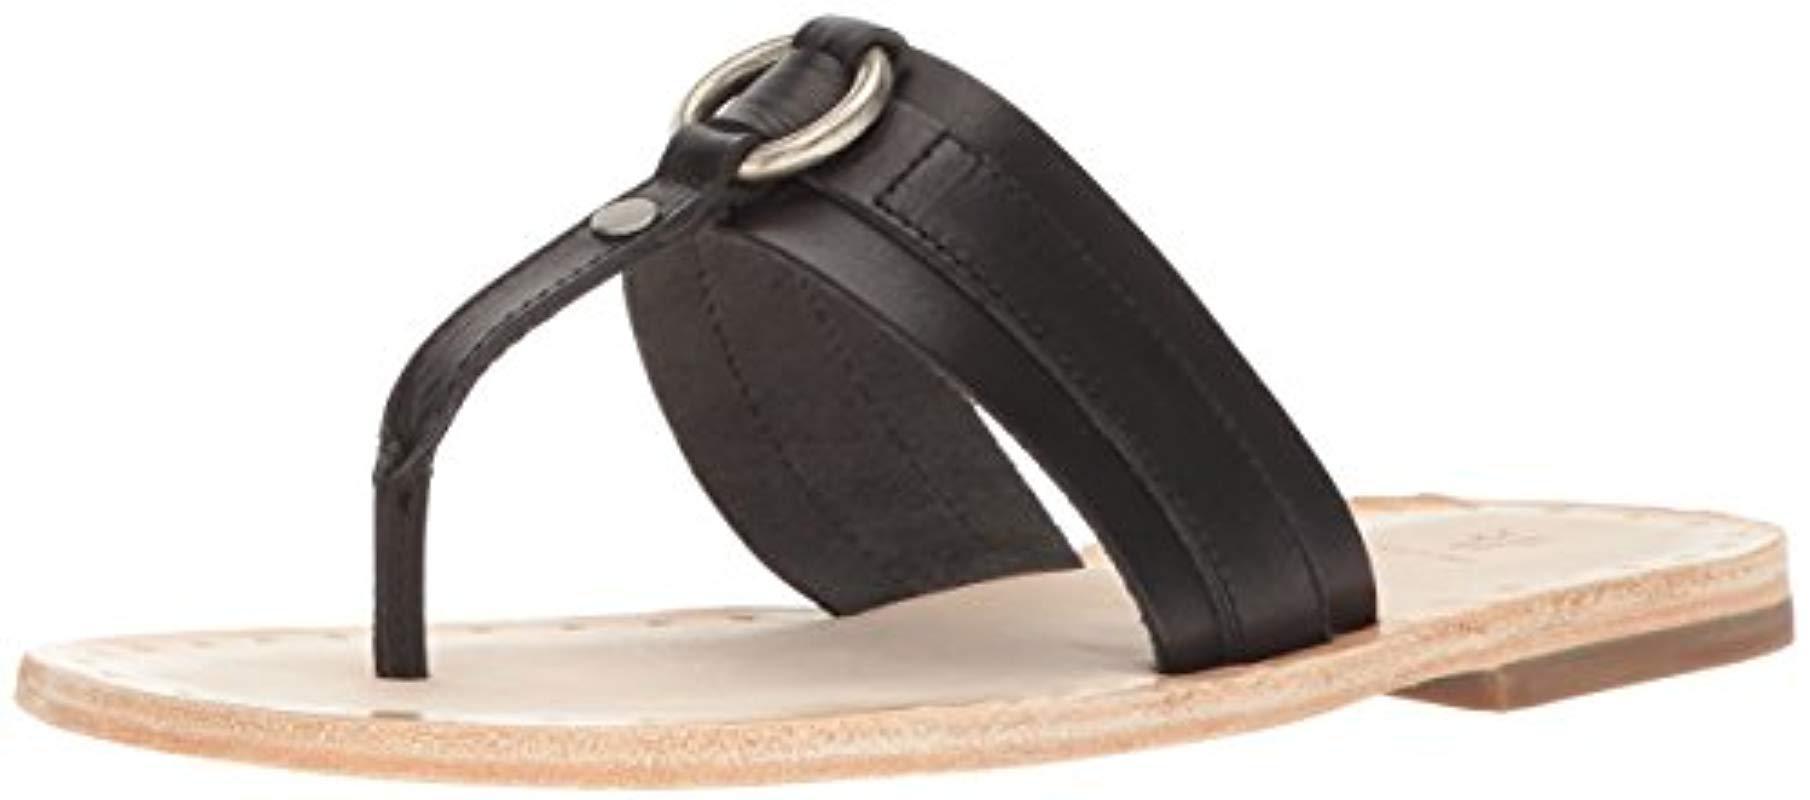 88e87b28ae1 Lyst - Frye Avery Harness Thong Flat Sandal in Black